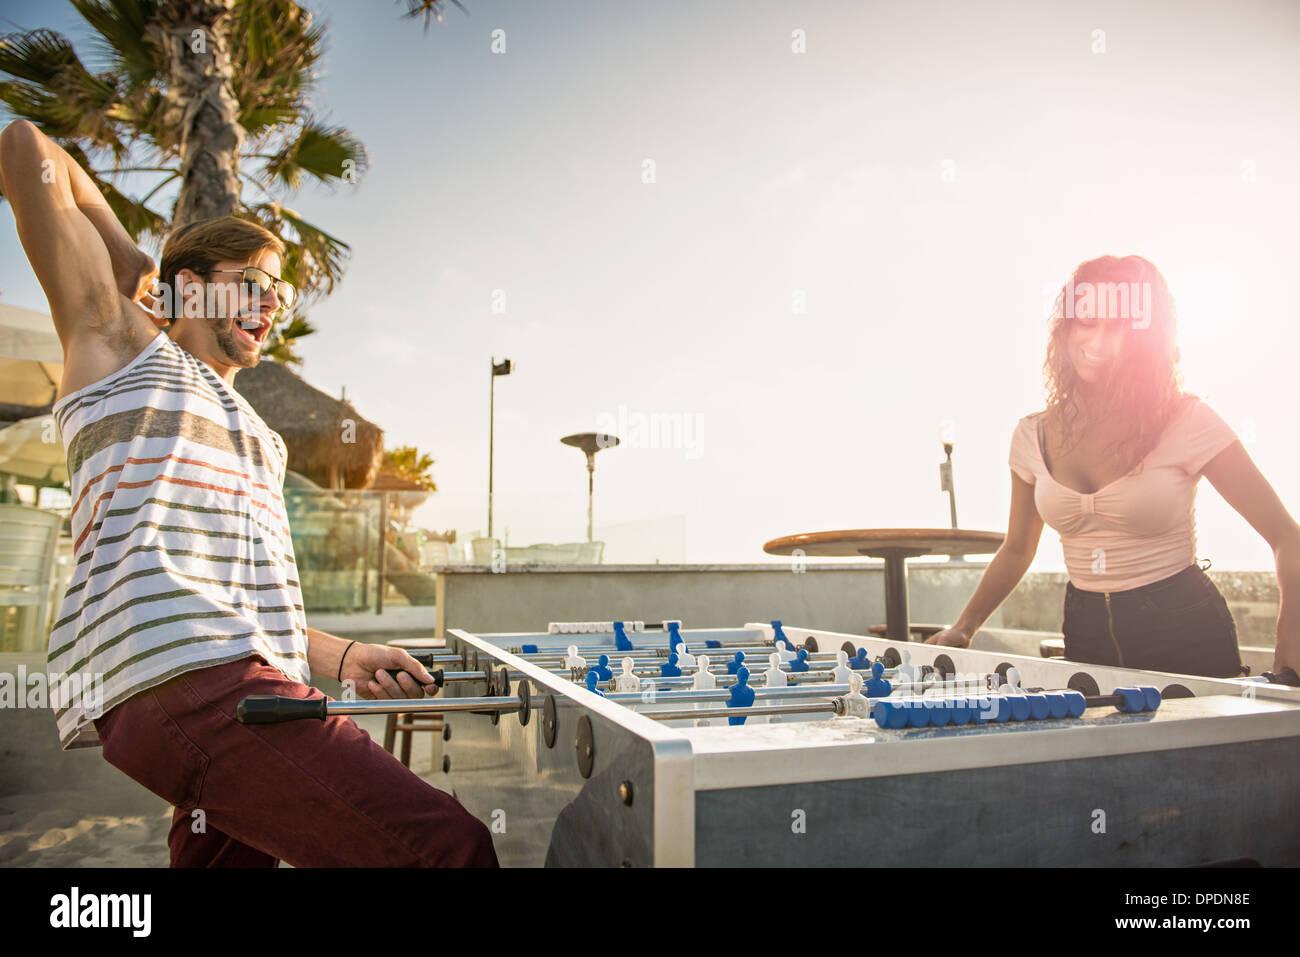 Pareja Joven Jugando Futbol En La Playa De San Diego Foto Imagen